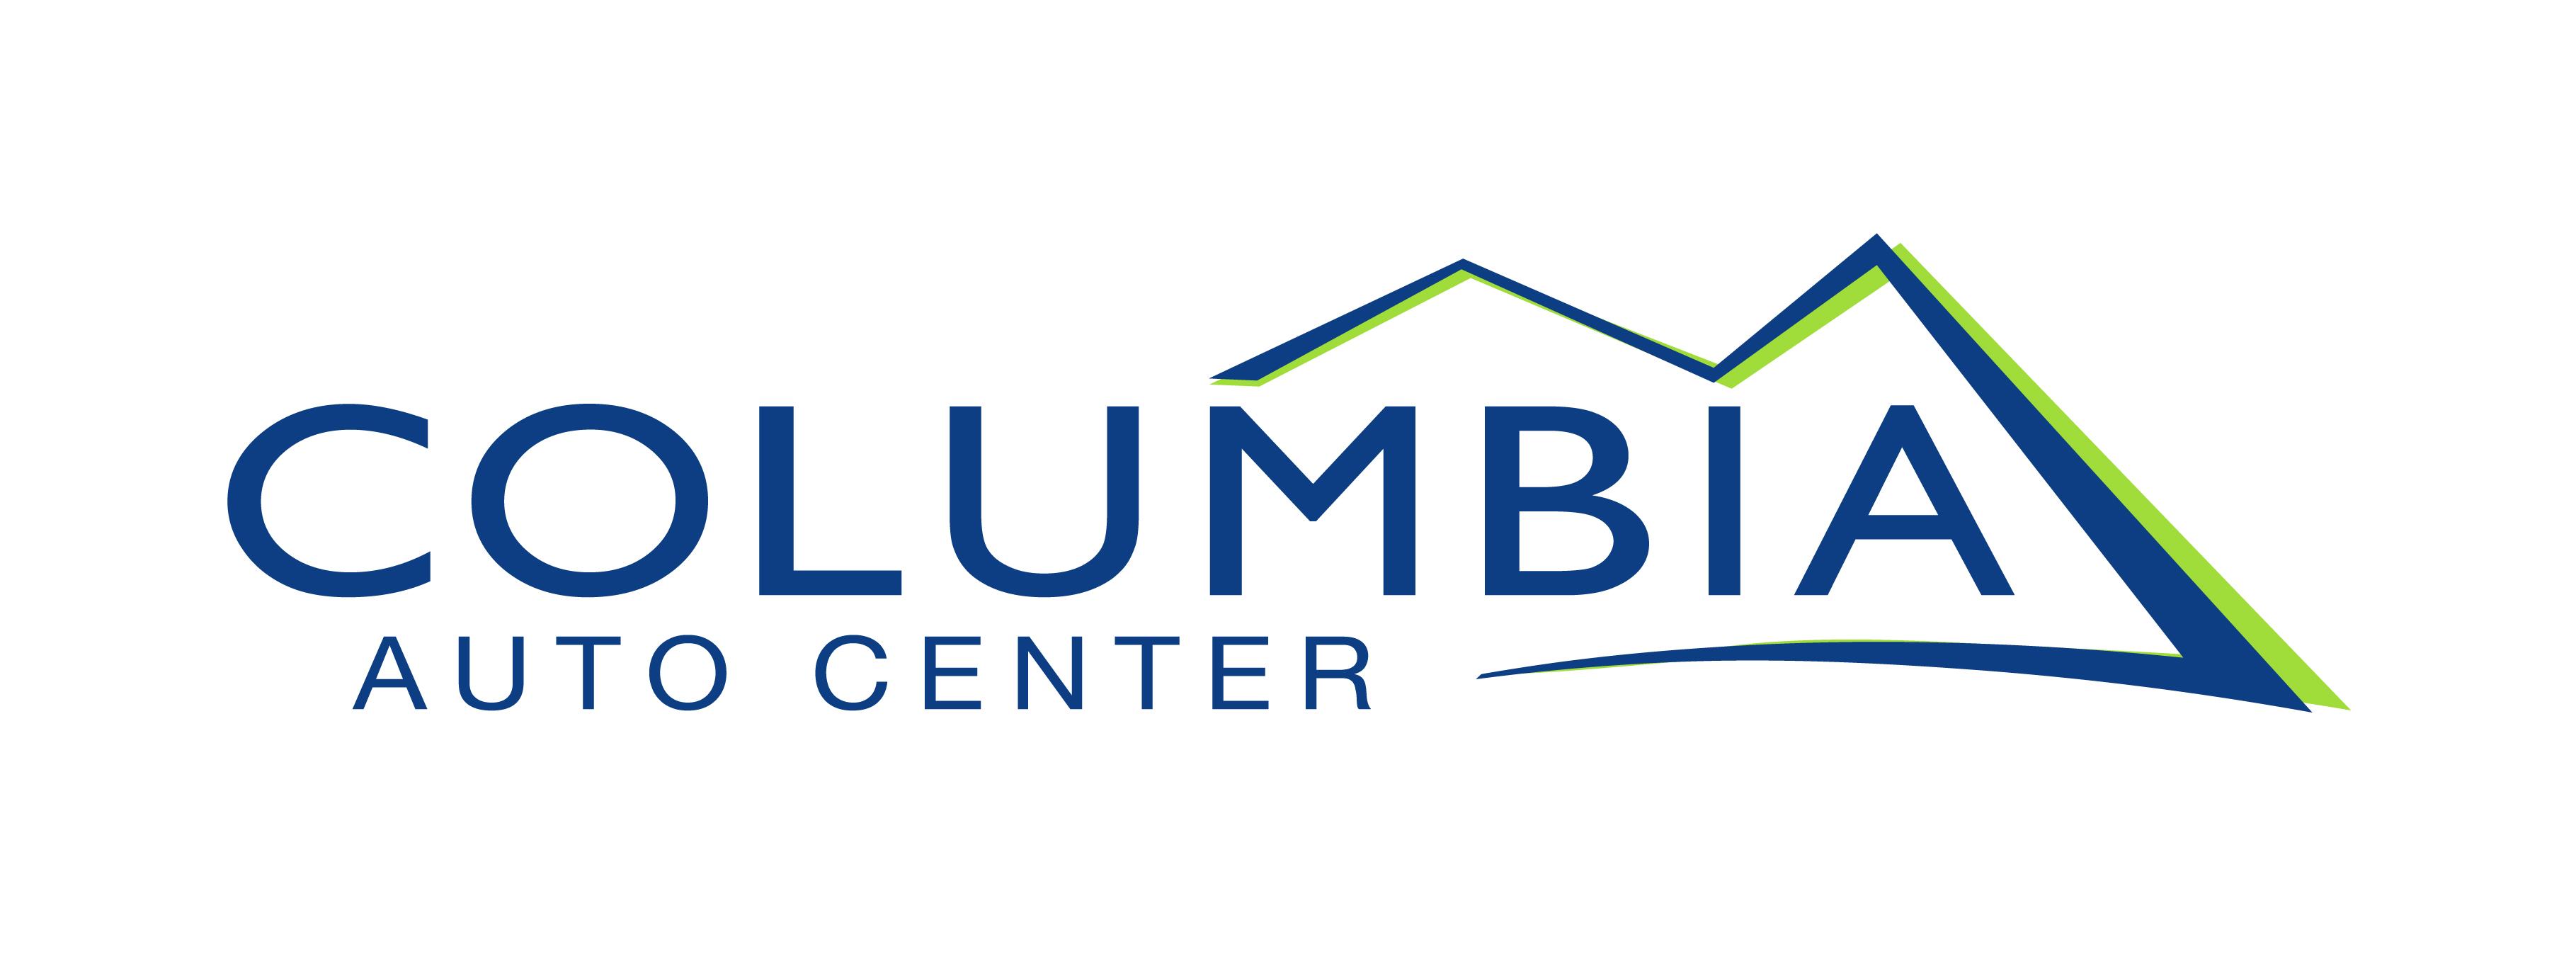 Columbiaautocenter Landscape